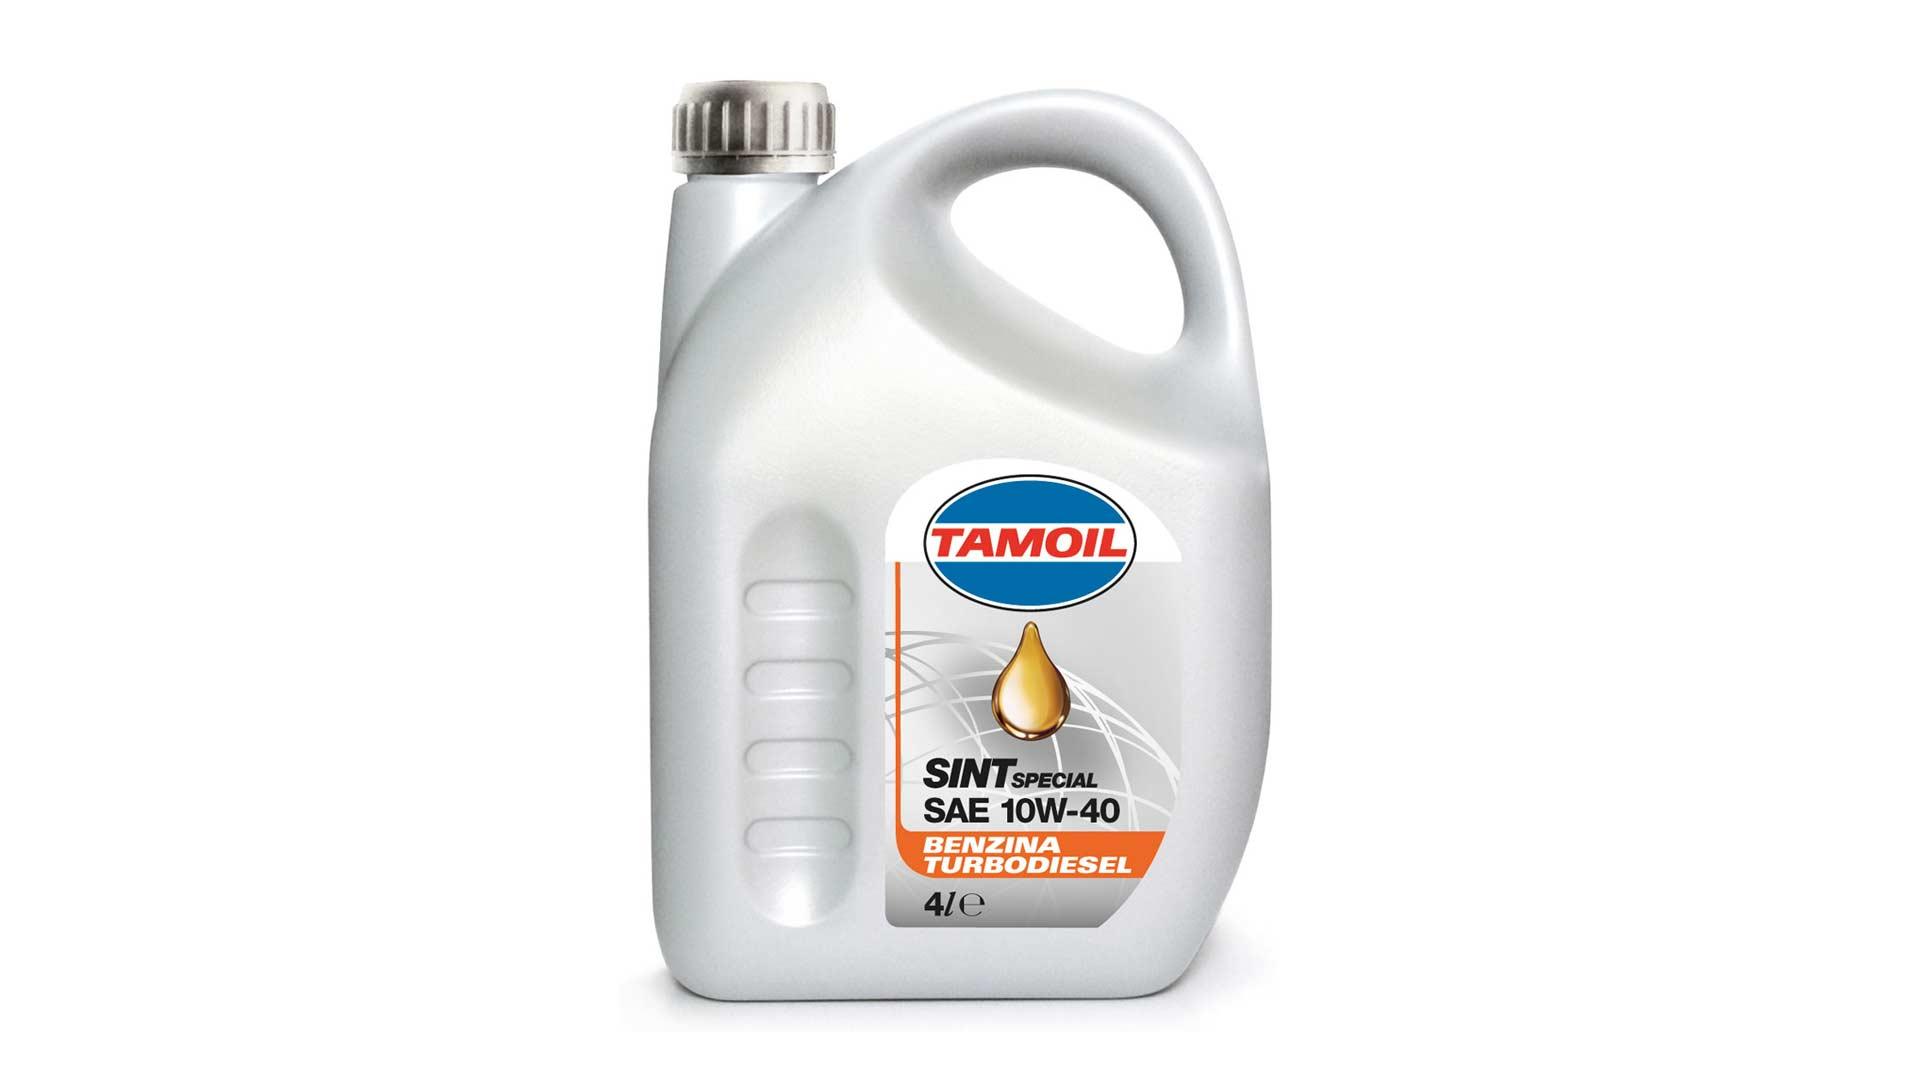 immagine in evidenza della pagina Tamoil sint benzina-turbodiesel